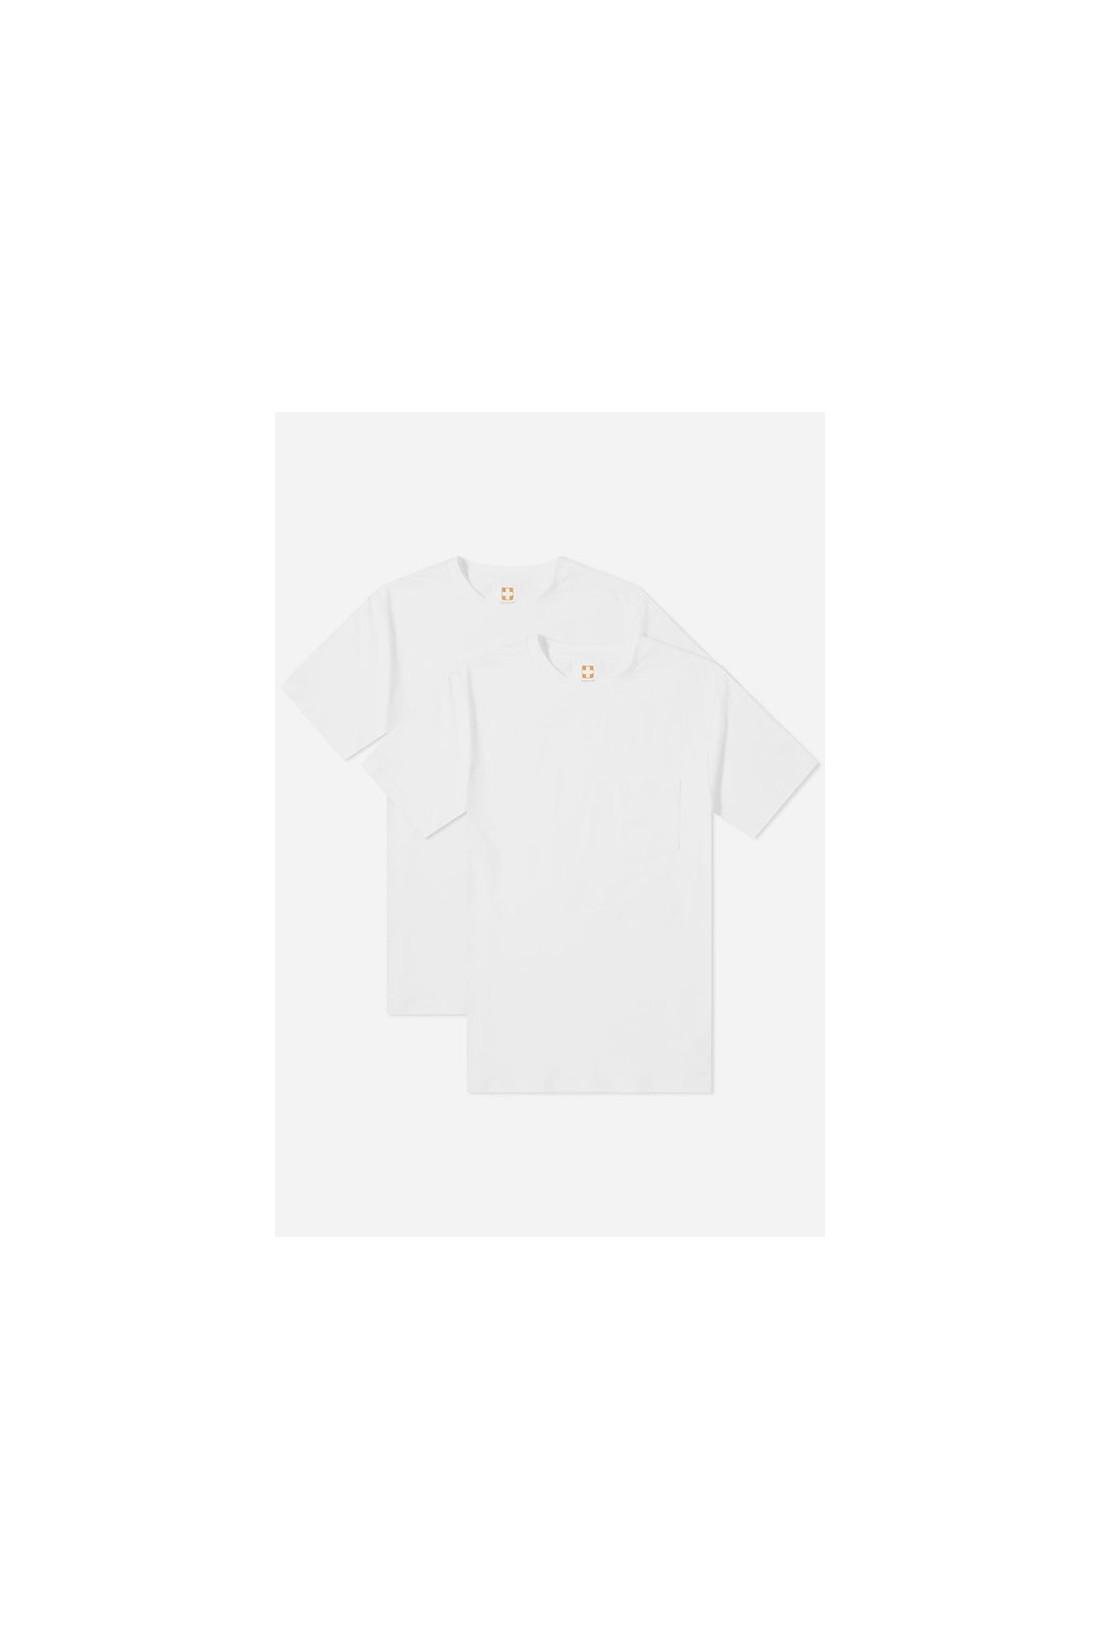 BEAMS PLUS / 2pack pocket tee White